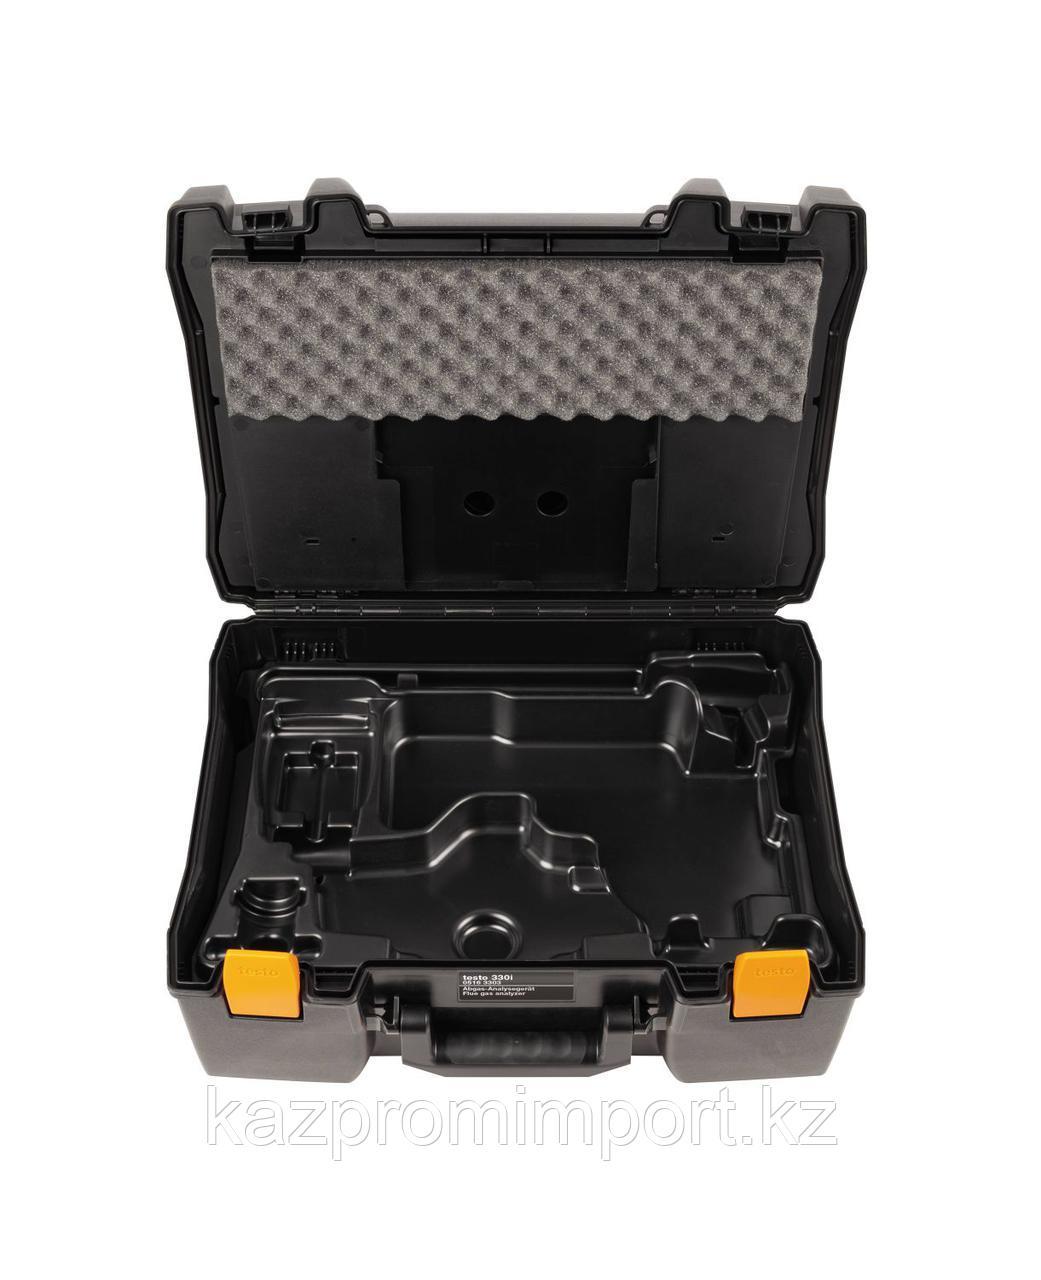 Testo 330i - instrument case